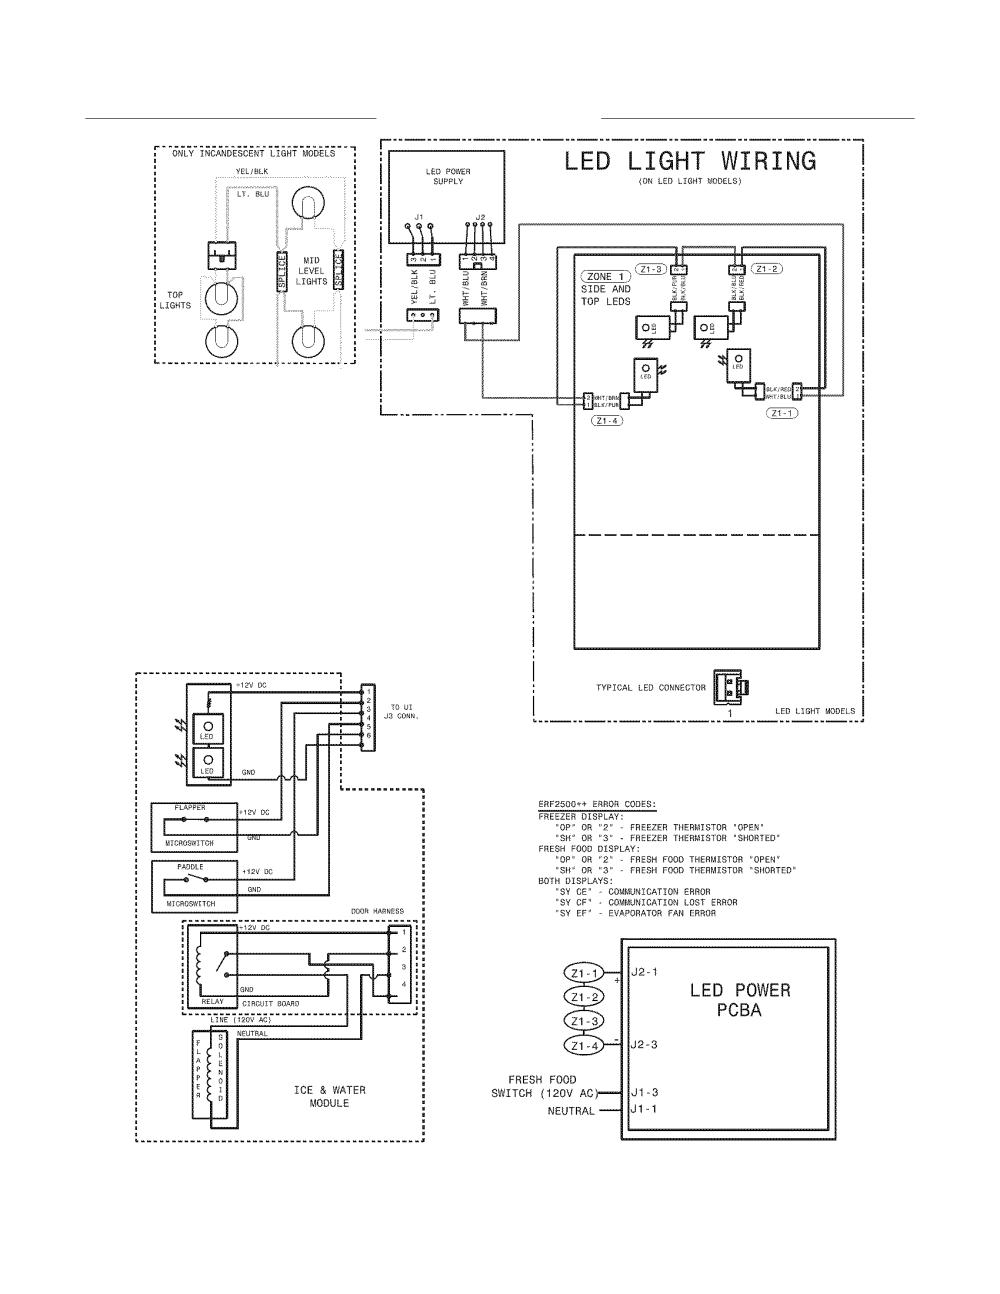 medium resolution of frigidaire fghb2844lf7 wiring diagram diagram